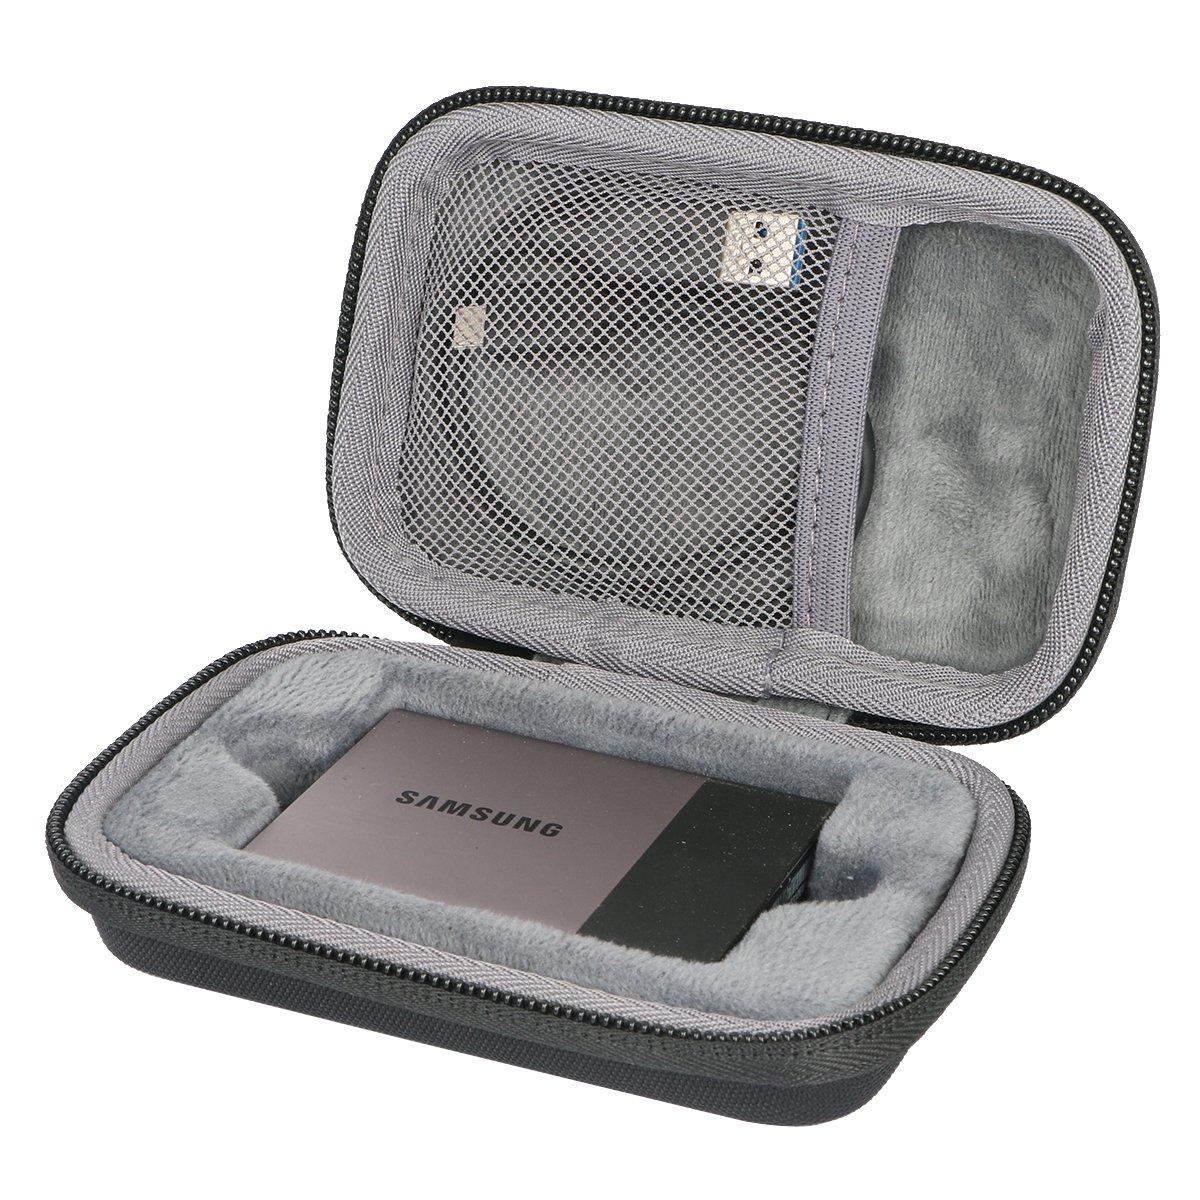 co2CREA Hard custodia Borse Viaggio per Samsung T3//T5 SSD Portable External Solid State Drive 250GB 500GB 1TB 2TB